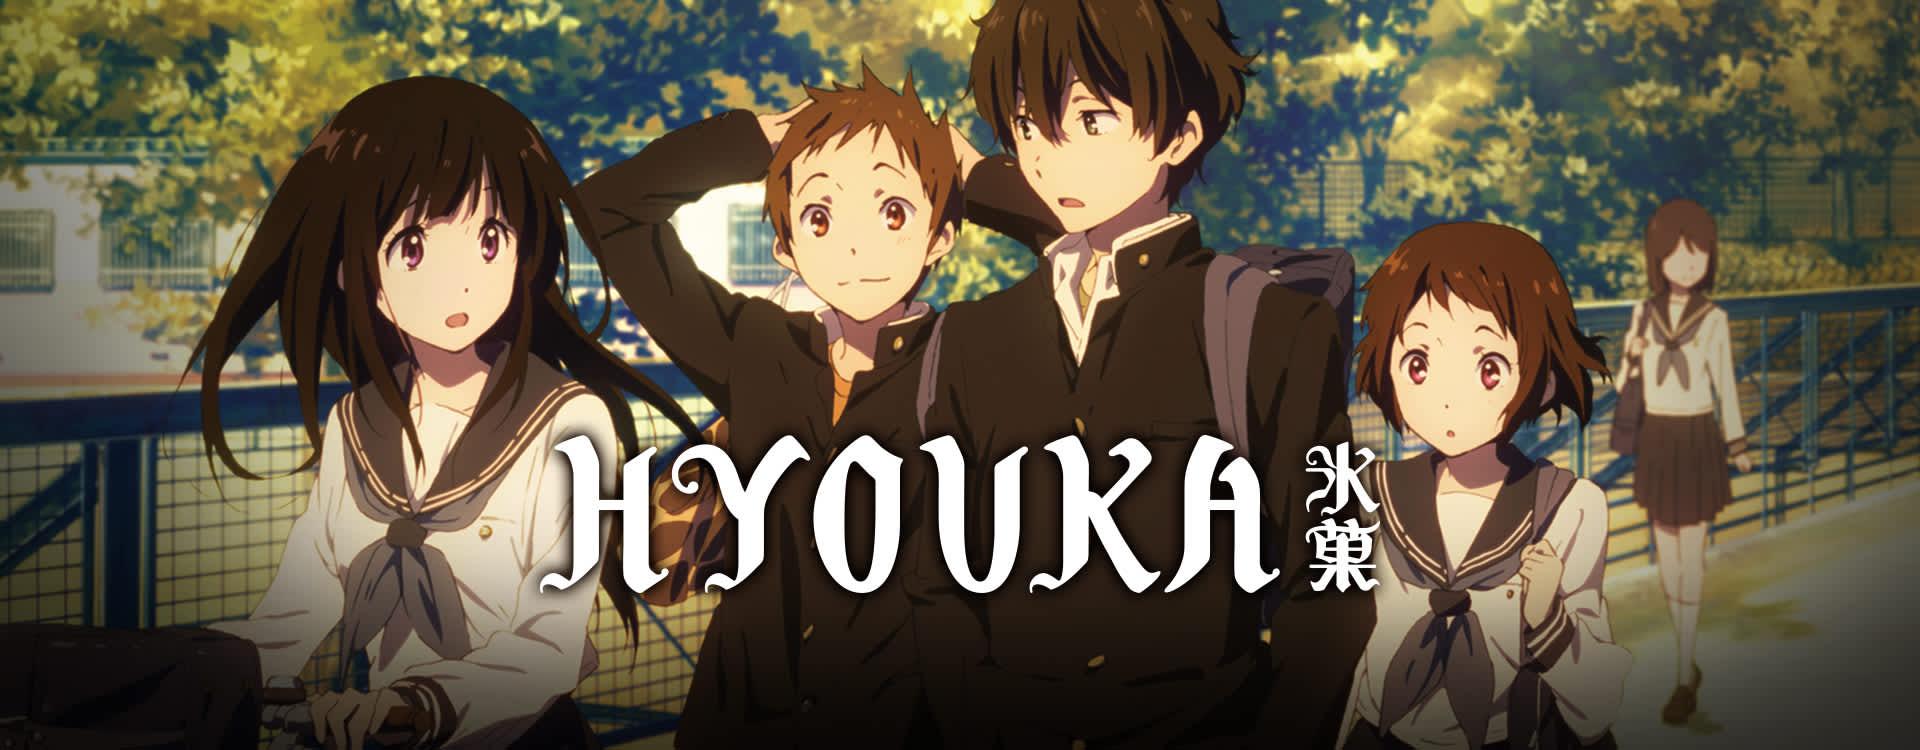 Image result for hyouka